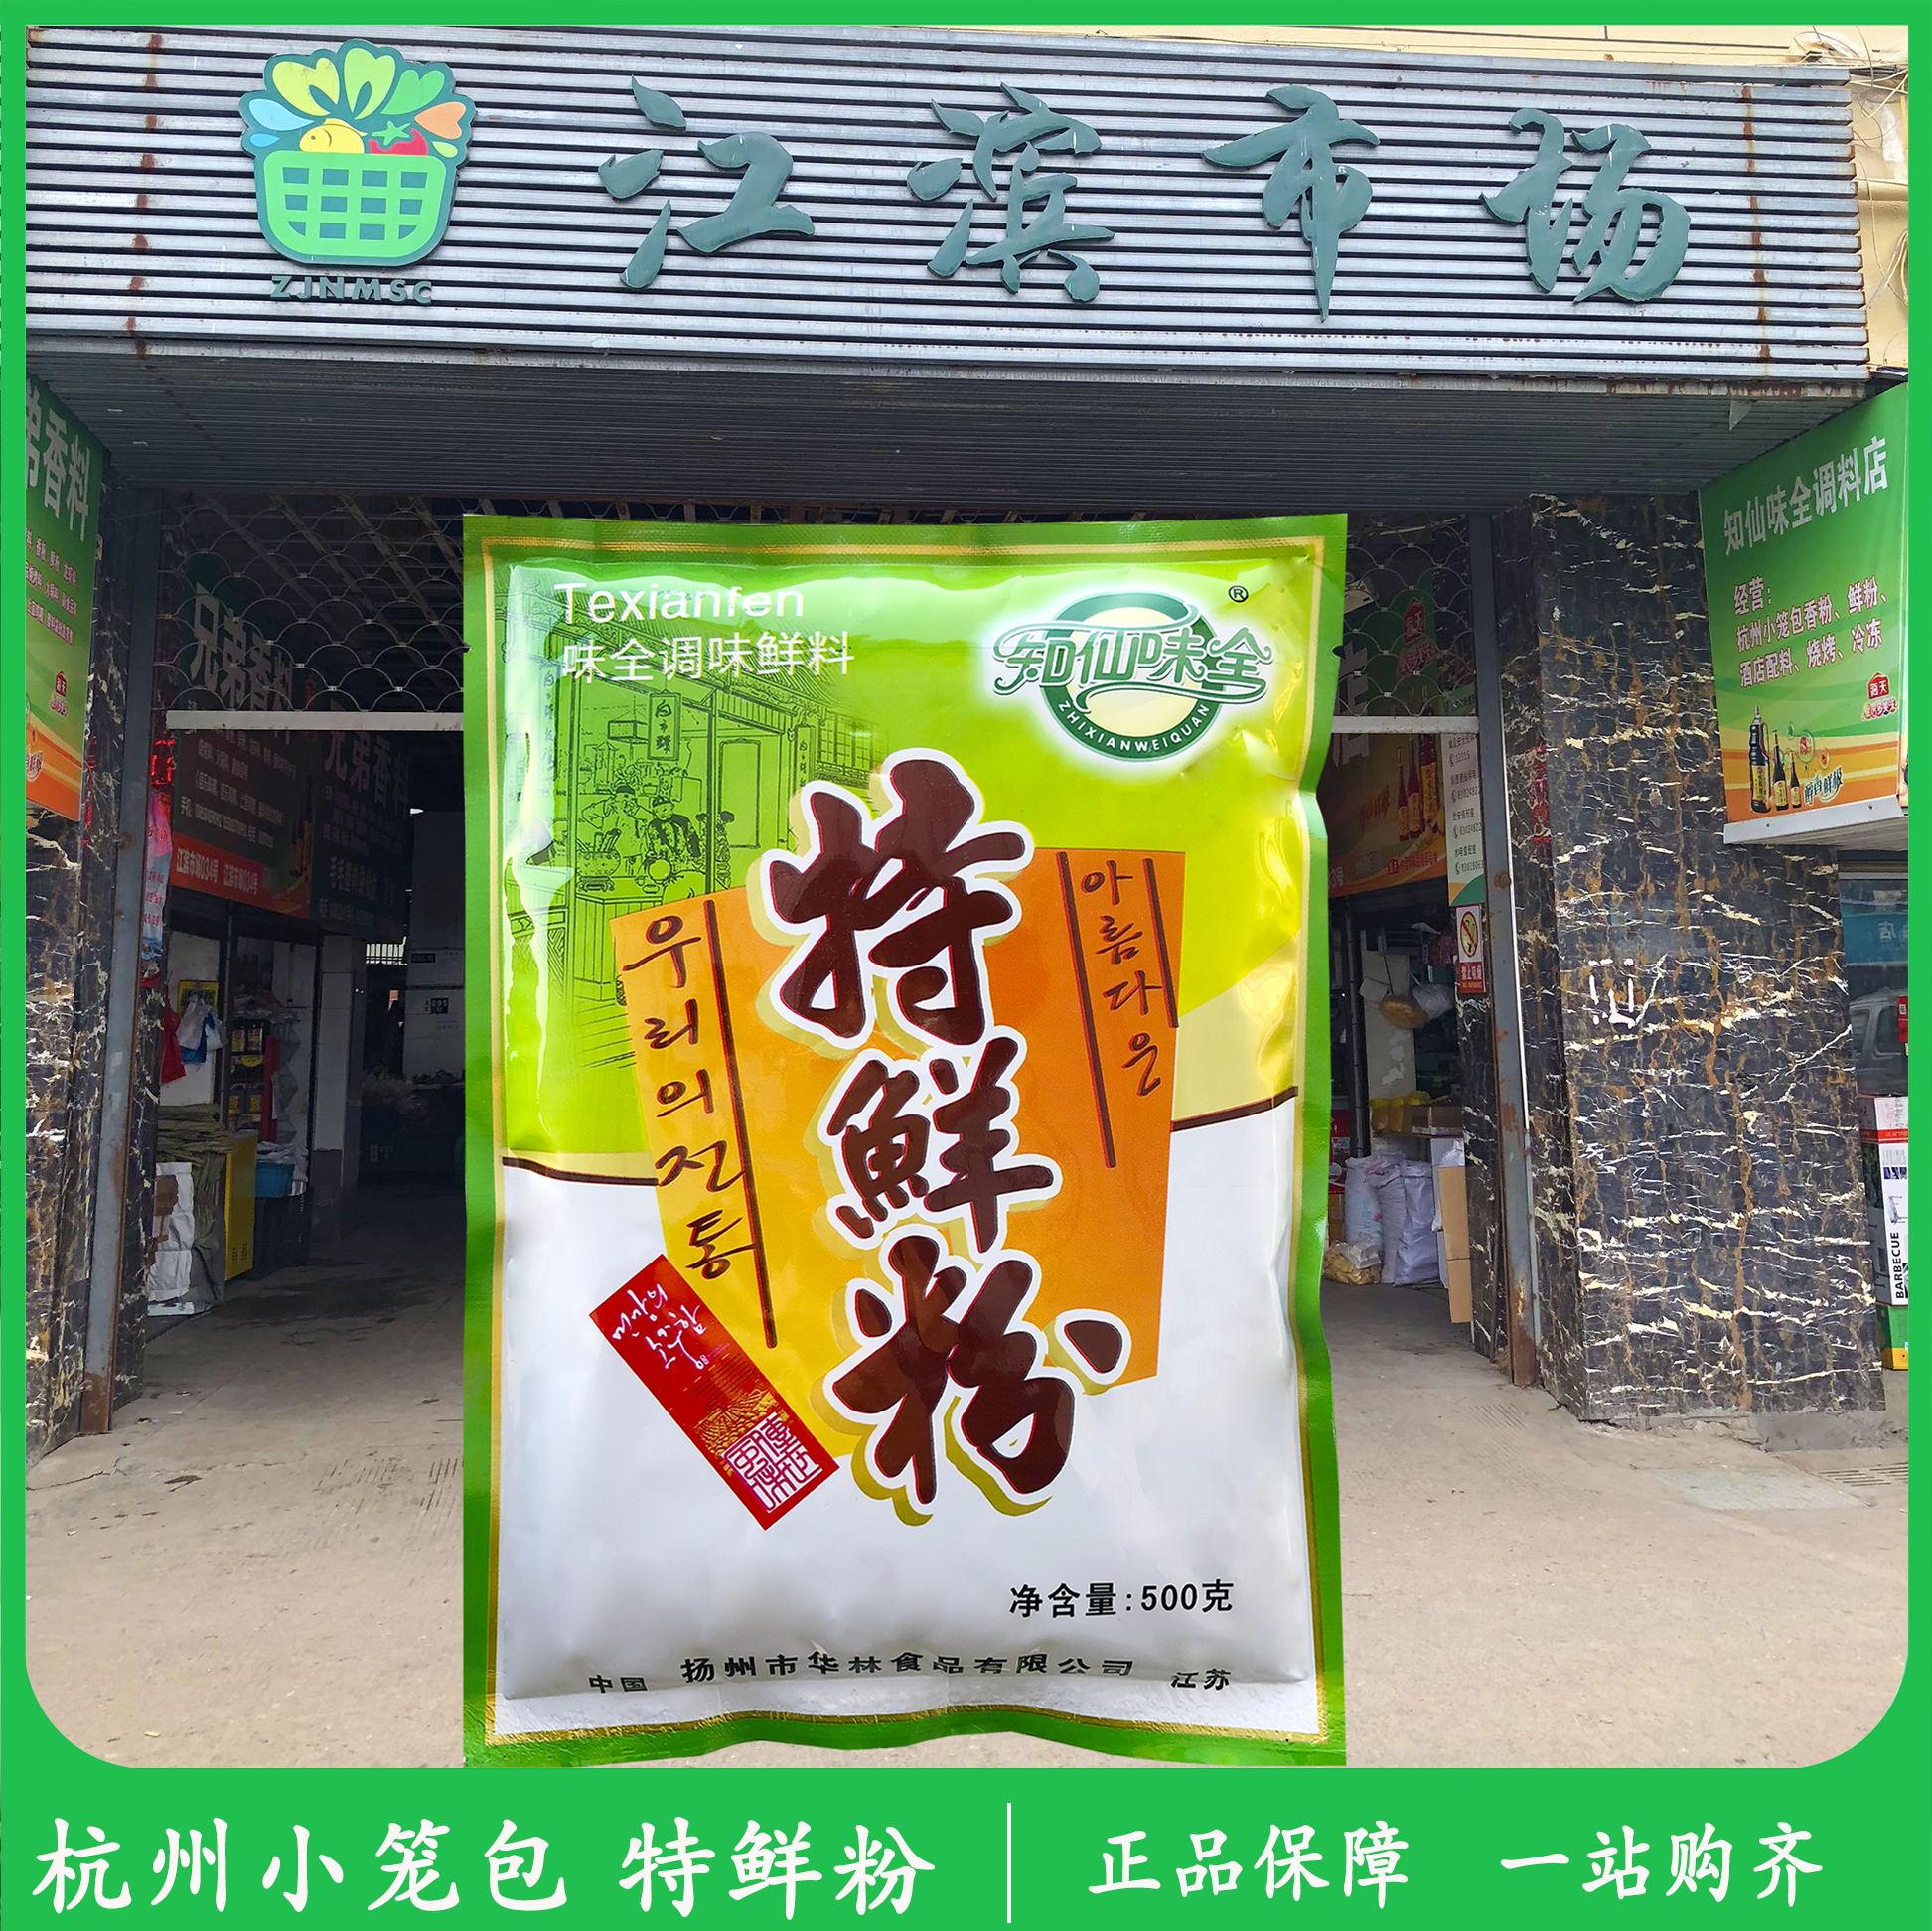 知仙味全杭州小笼包特鲜粉500g包邮 炒菜炖菜煲汤肉用提鲜调味料